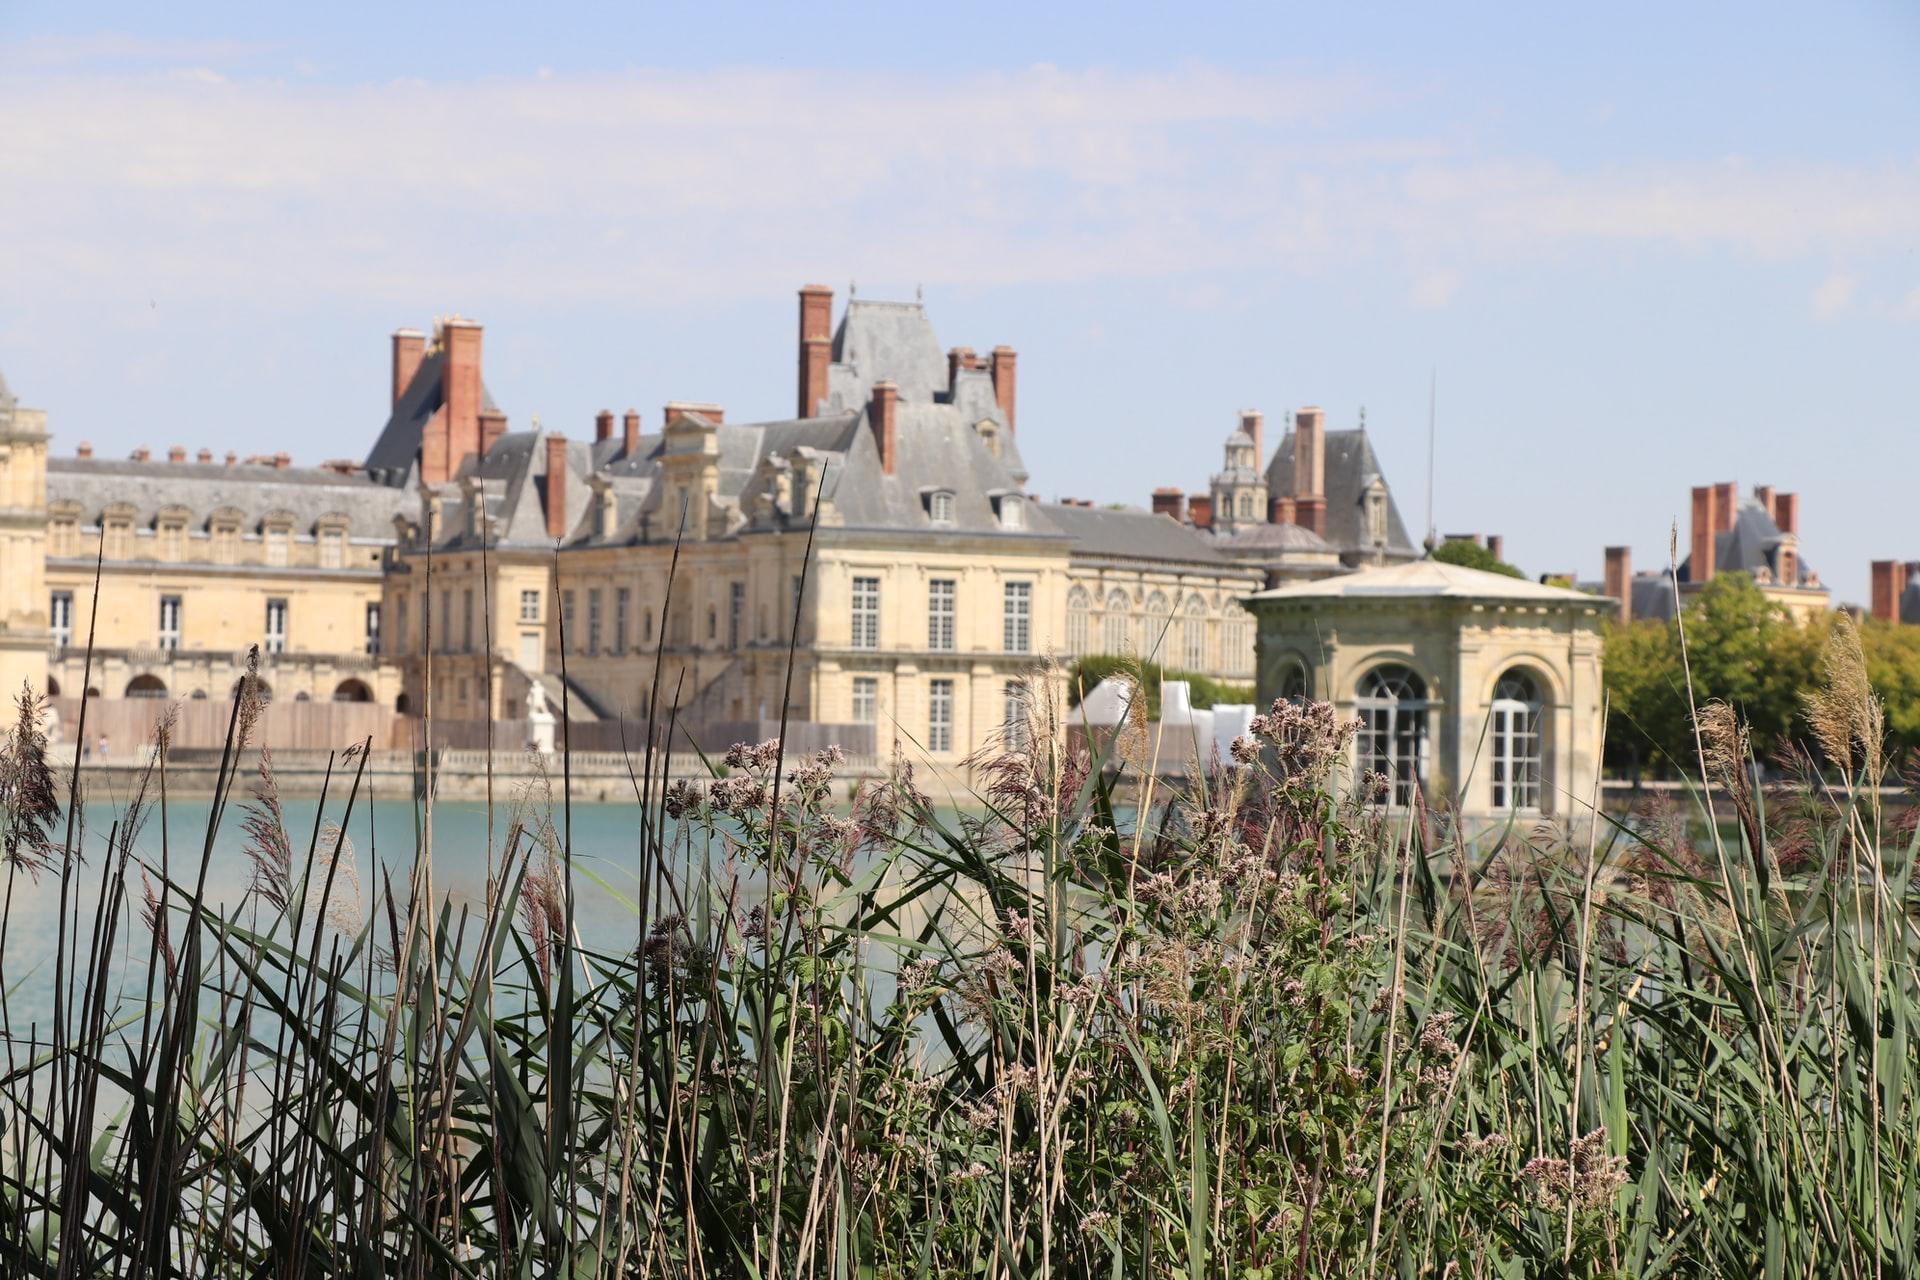 chateau de fontainebleau escapade weekend paris scooter troopy